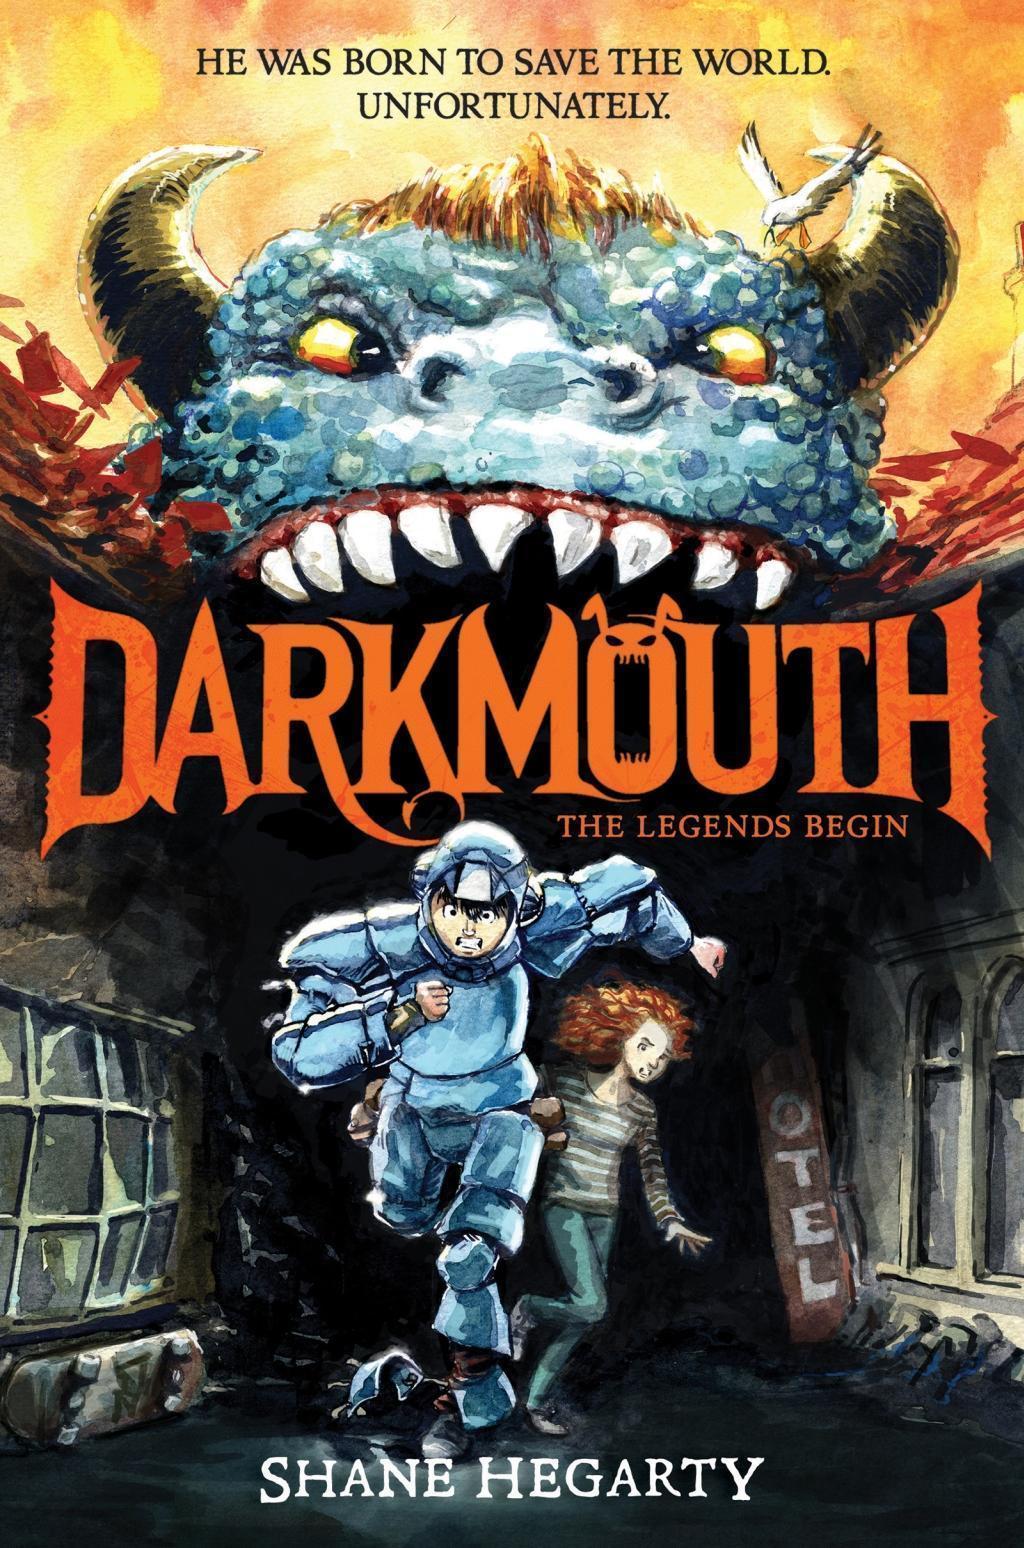 Darkmouth #1: The Legends Begin